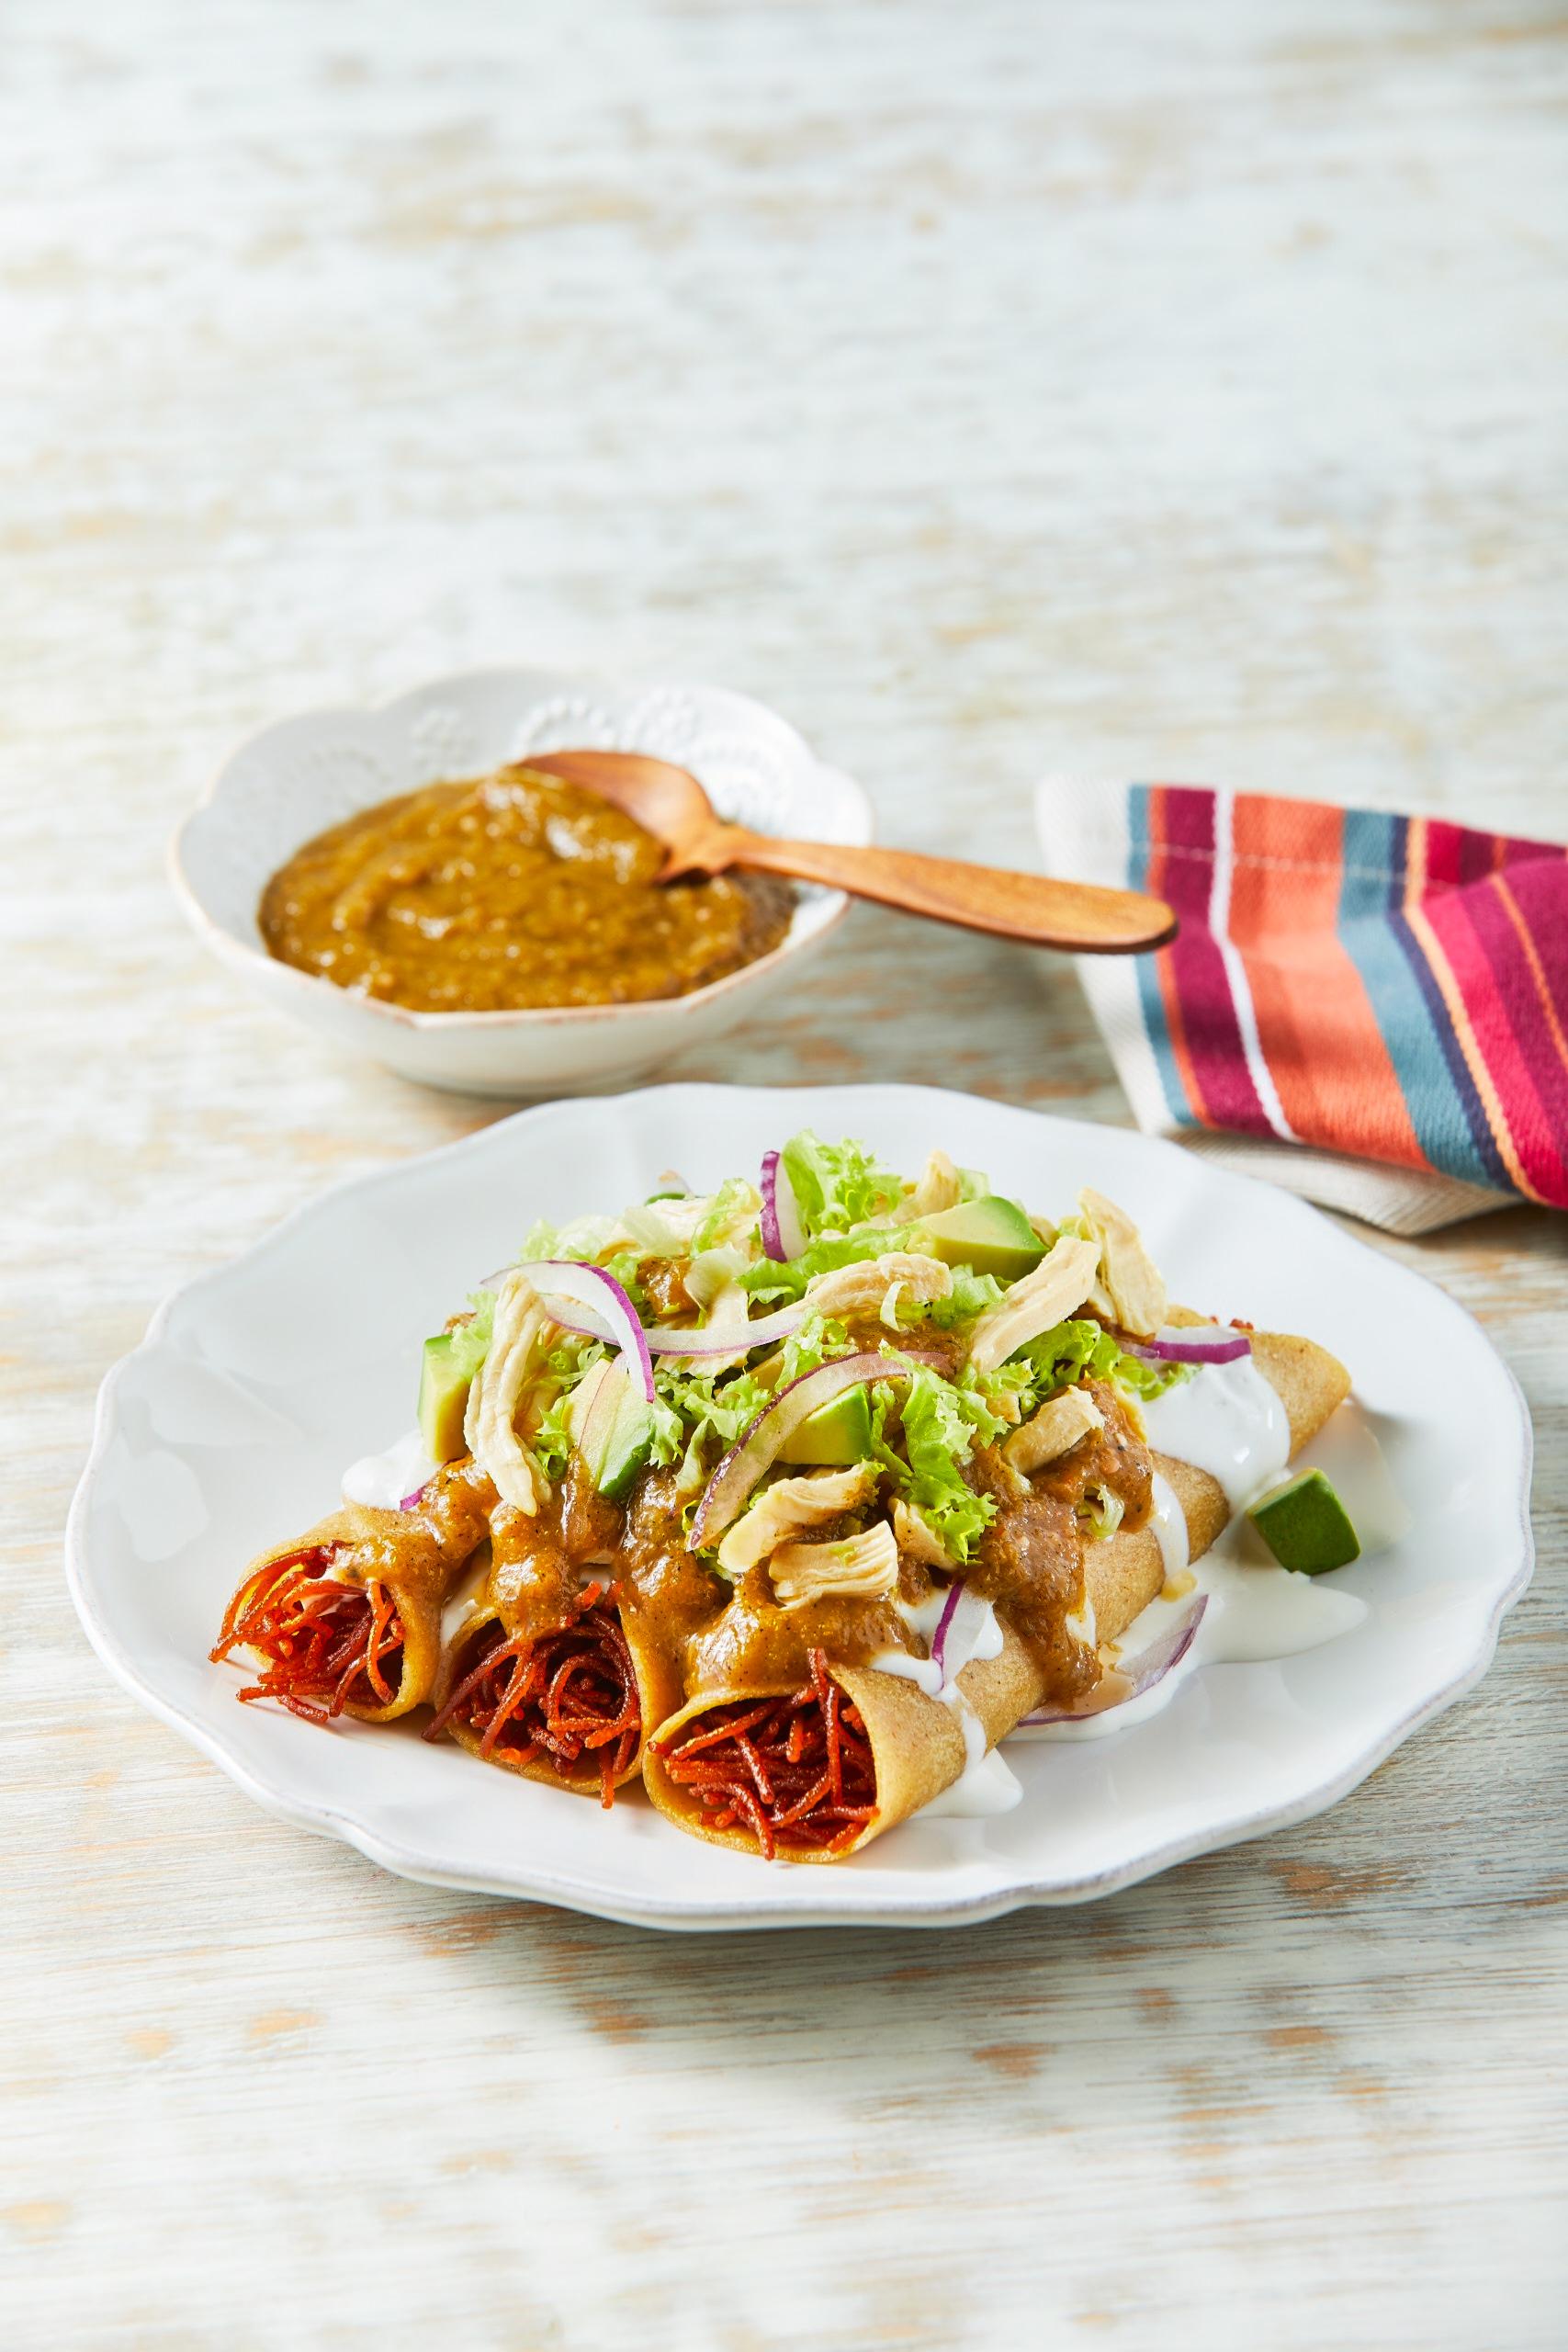 Tacos dorados de fideo seco con pollo